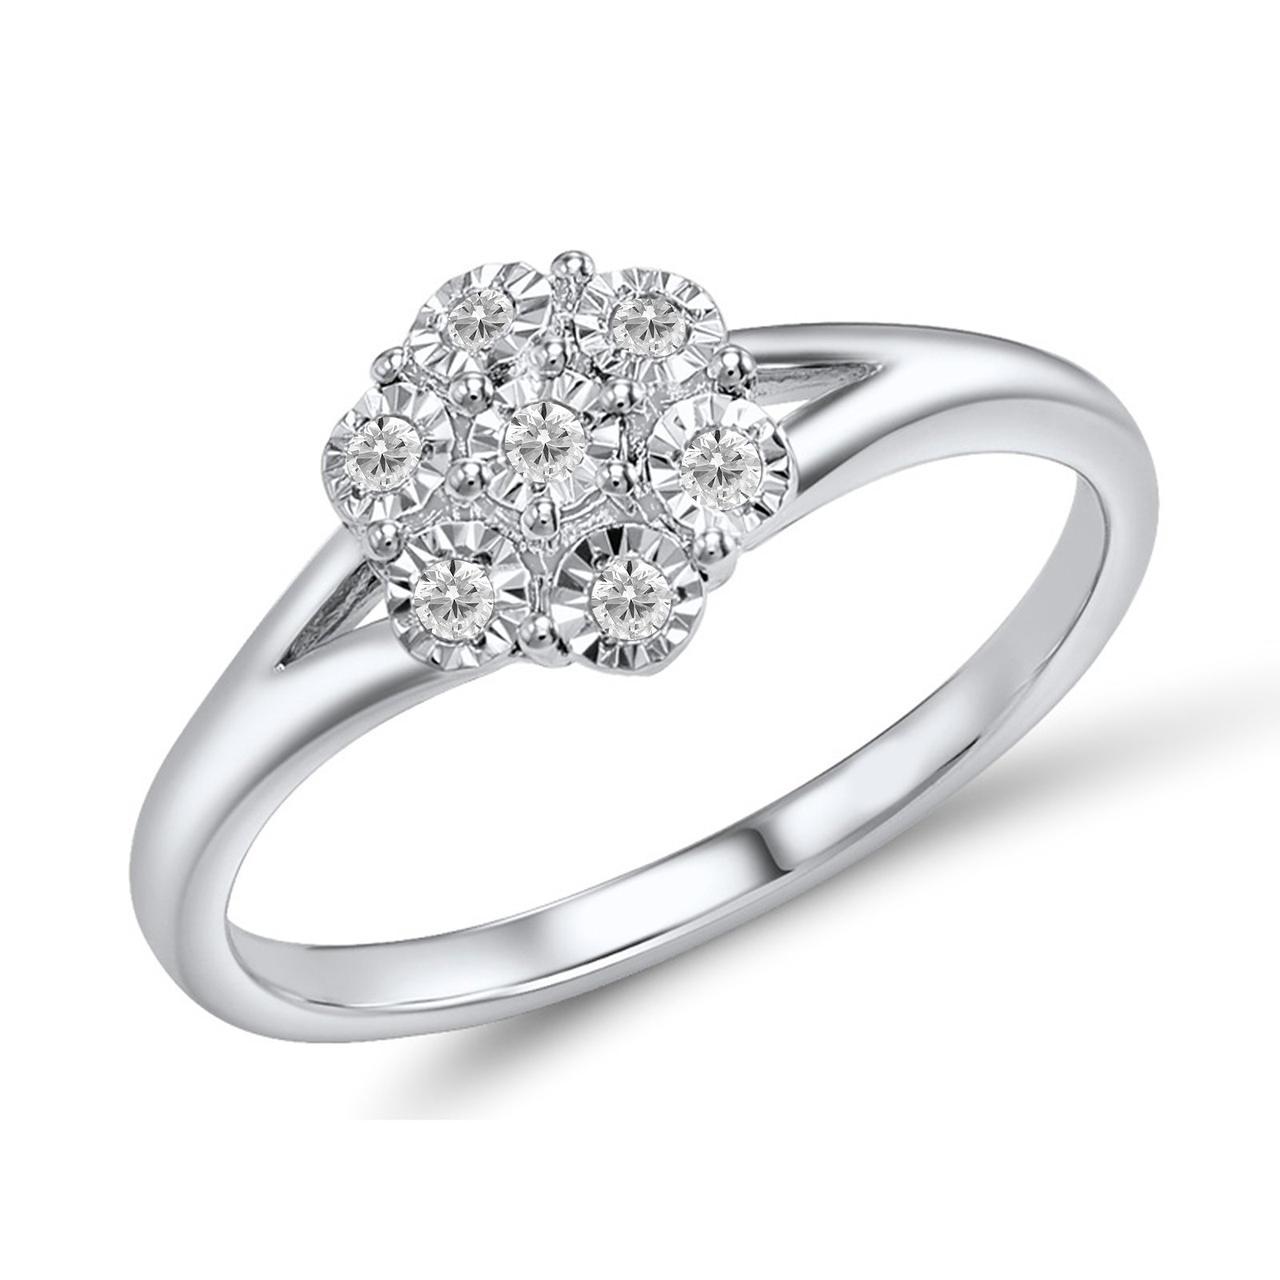 Золотое кольцо с бриллиантами, размер 17 (1681456)